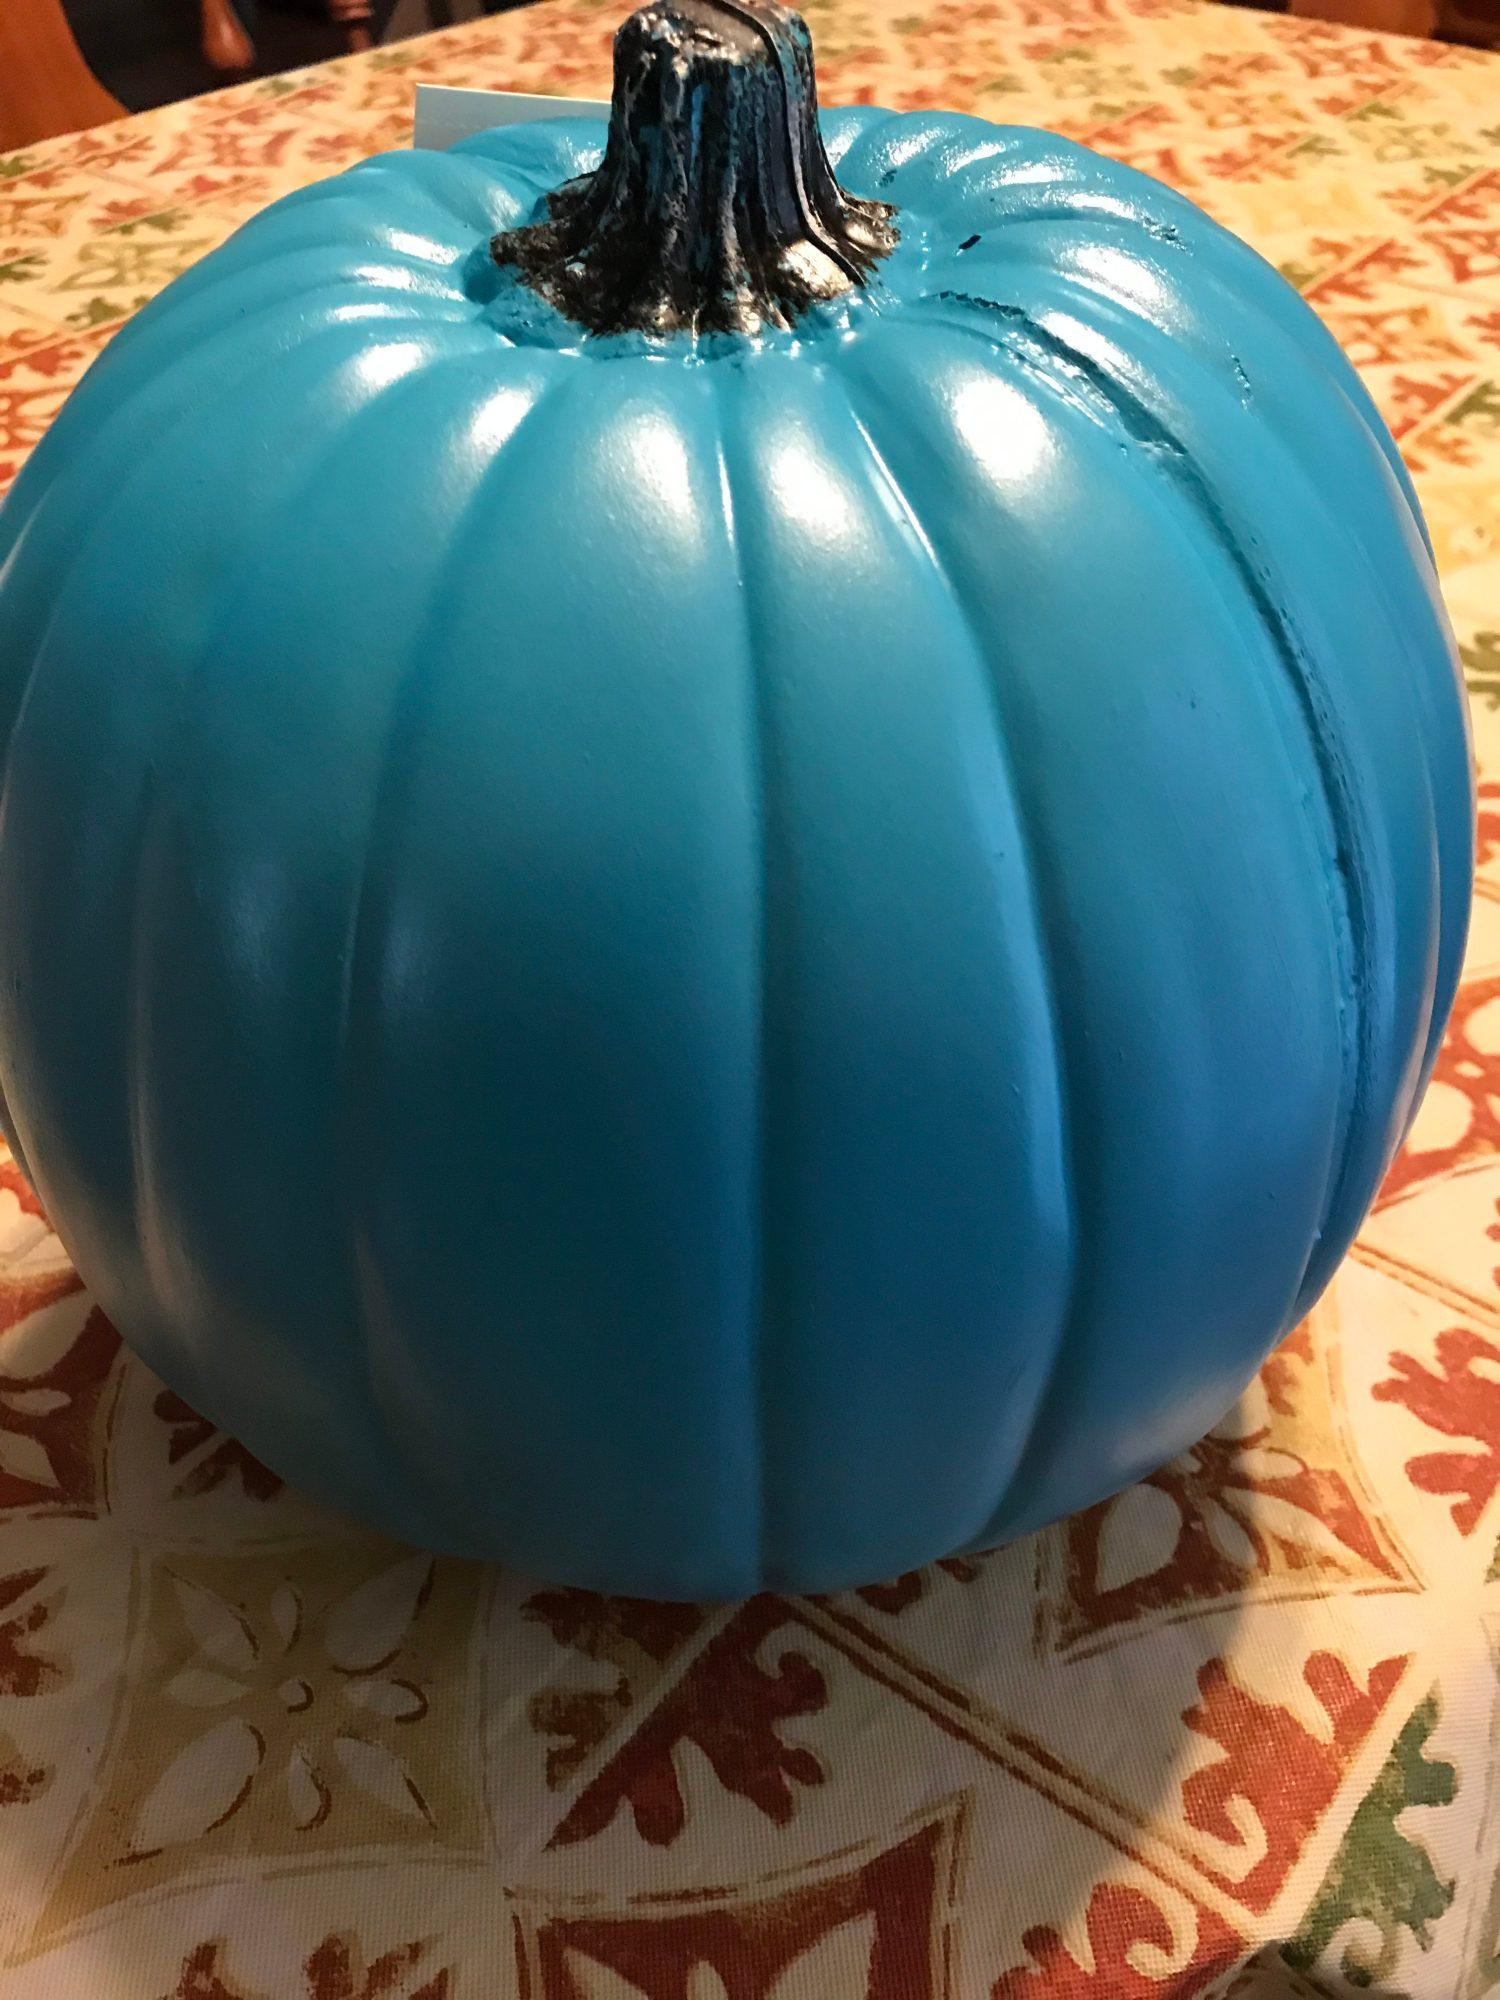 Teal pumpkin signifies allergen-free treats